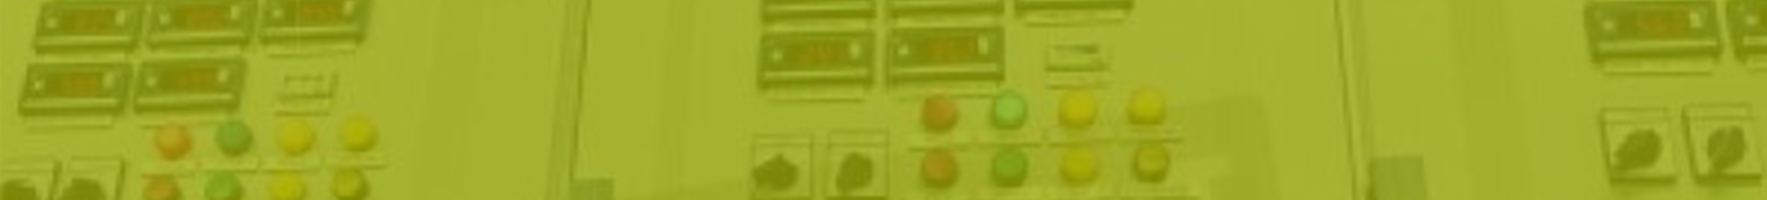 Sotalec-slide022